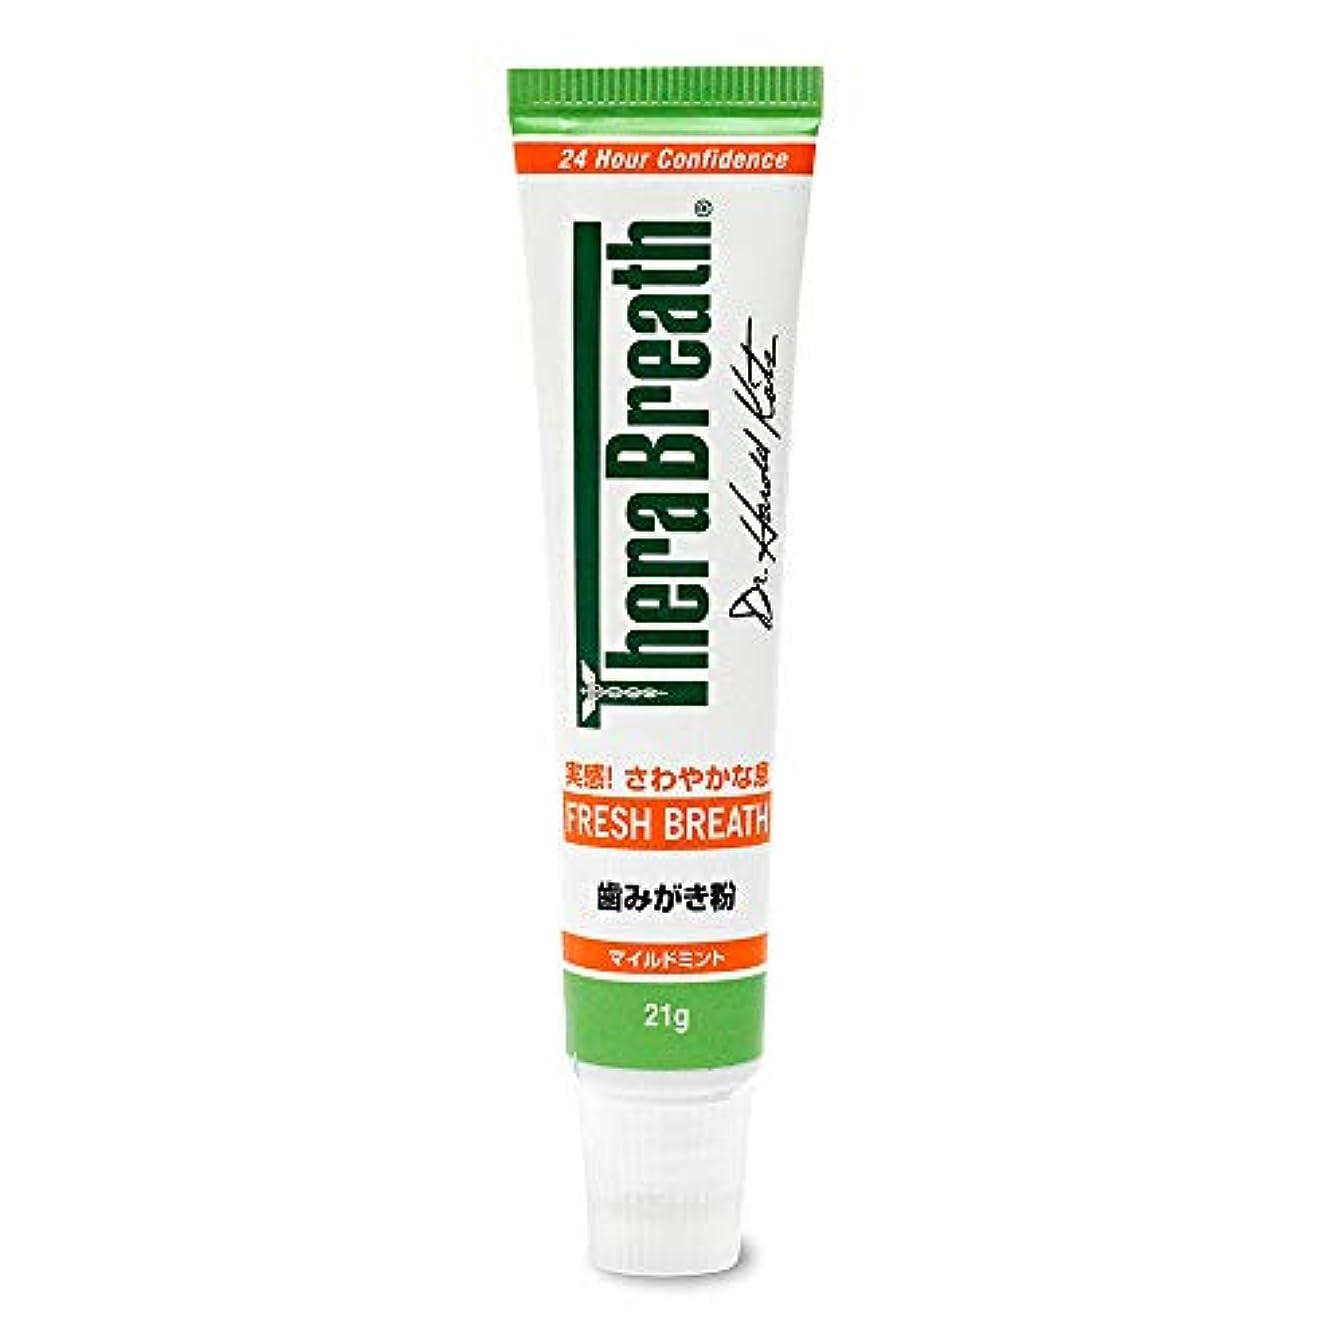 阻害する昼間拡張TheraBreath (セラブレス) セラブレス トゥースジェル ミニサイズ 21g (正規輸入品) 舌磨き